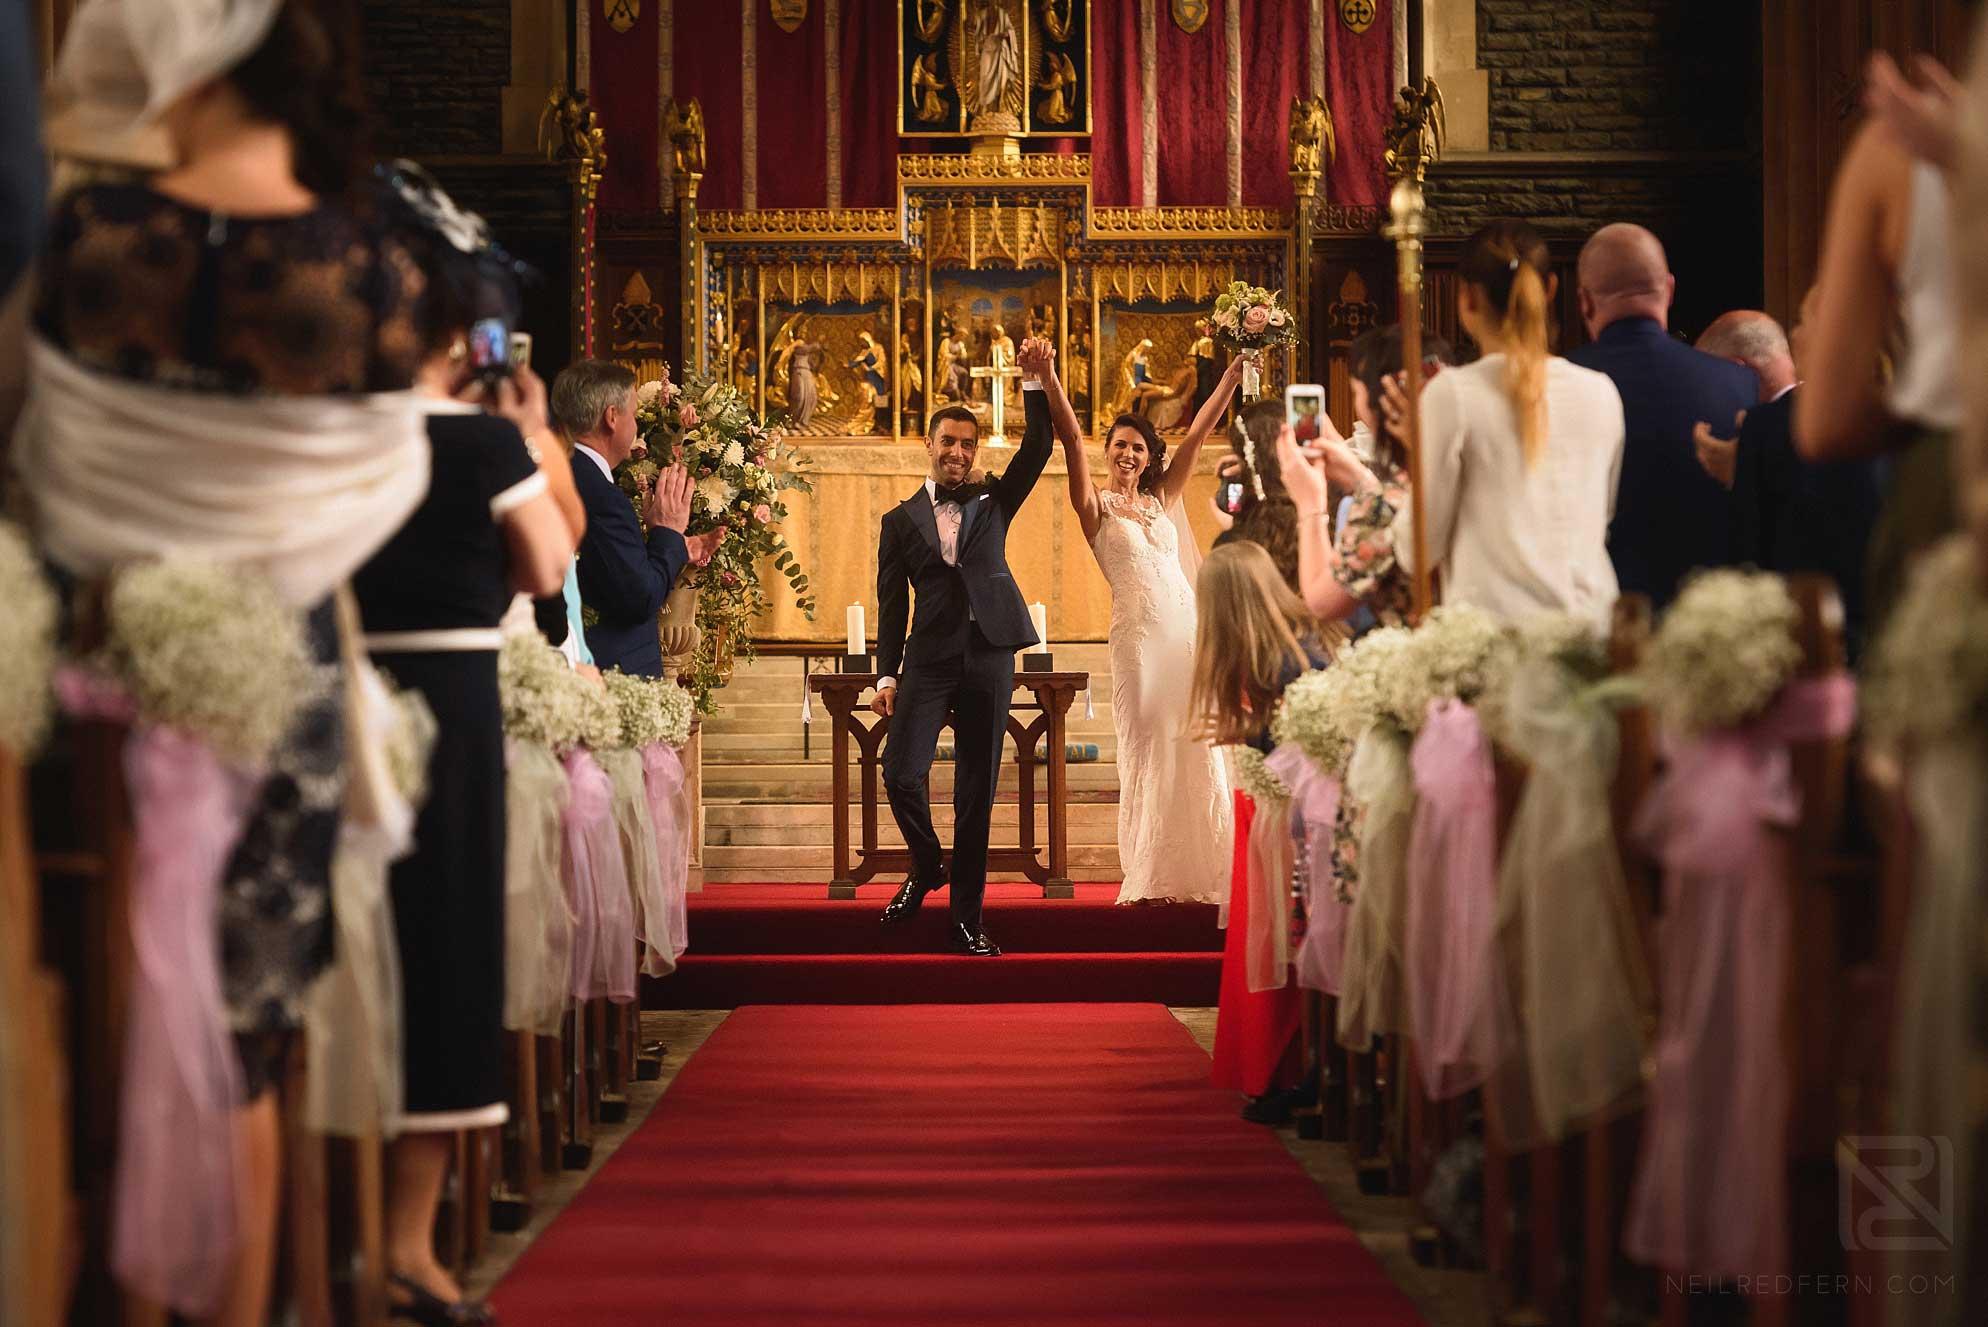 Aberystwyth church wedding photograph